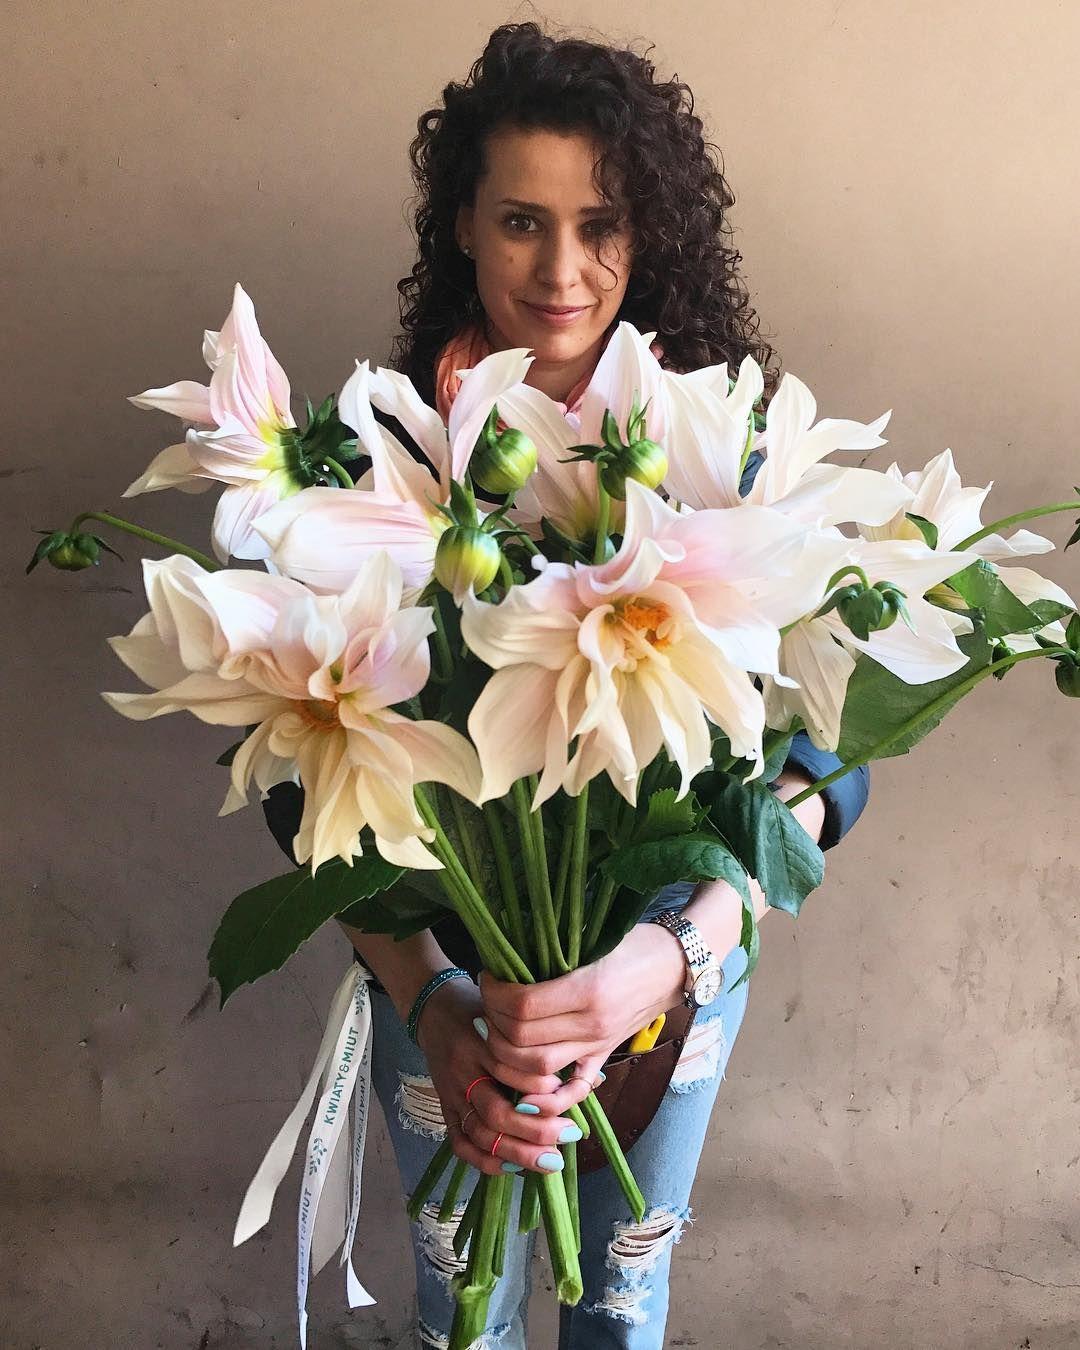 Polubienia 1 722 Komentarze 25 Kwiaciarnia Kwiaty Amp Miut Kwiatyimiut Na Instagramie Kwiatyimiut Kwiatysap Instagram Posts Instagram Rose